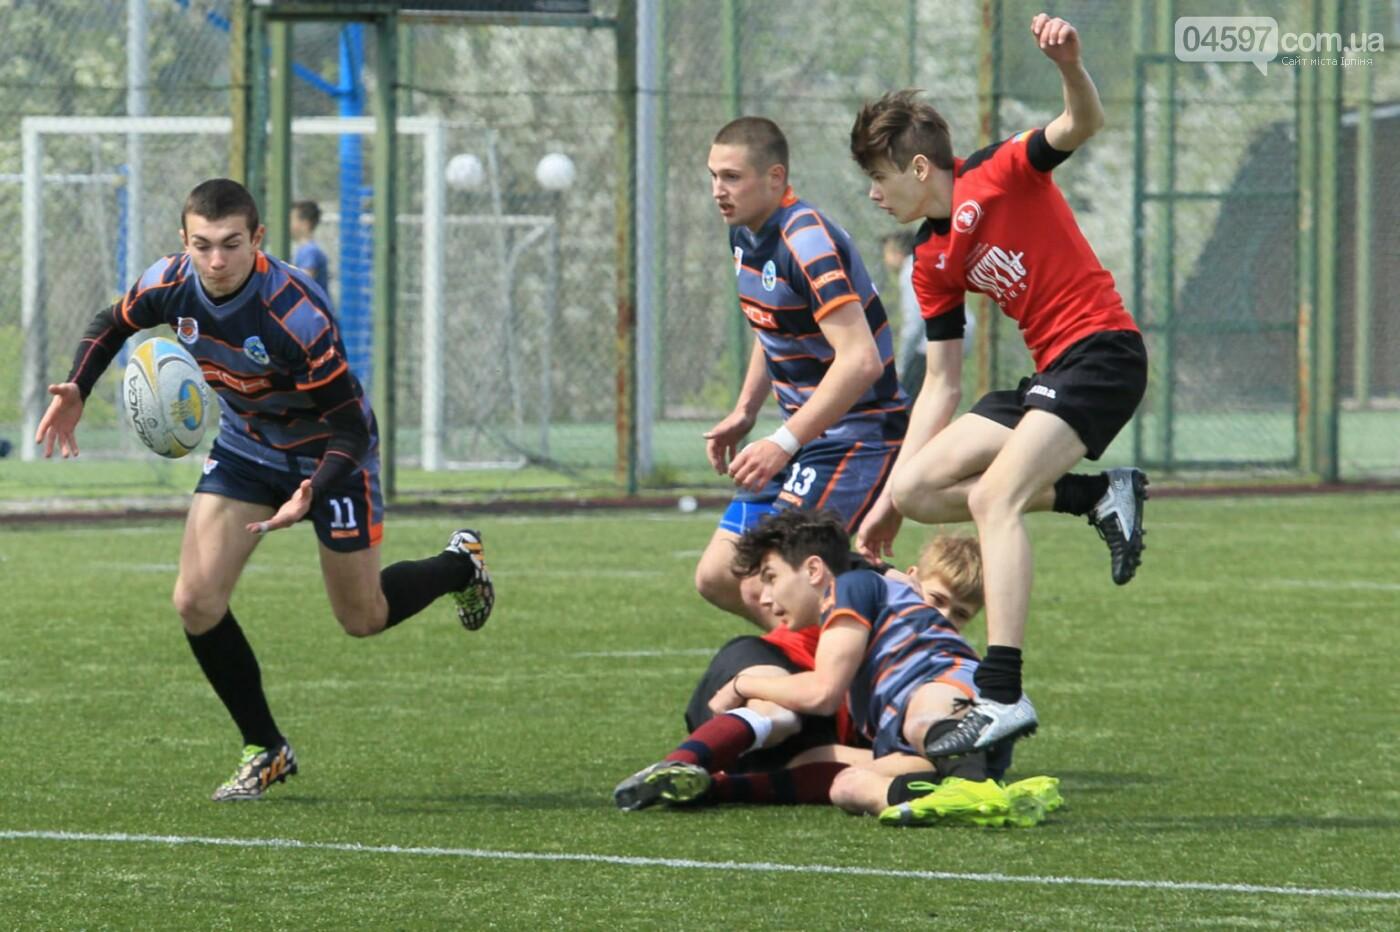 Ірпінчани здобули перемогу в першому турі чемпіонату України з регбі-7 серед юніорів , фото-4